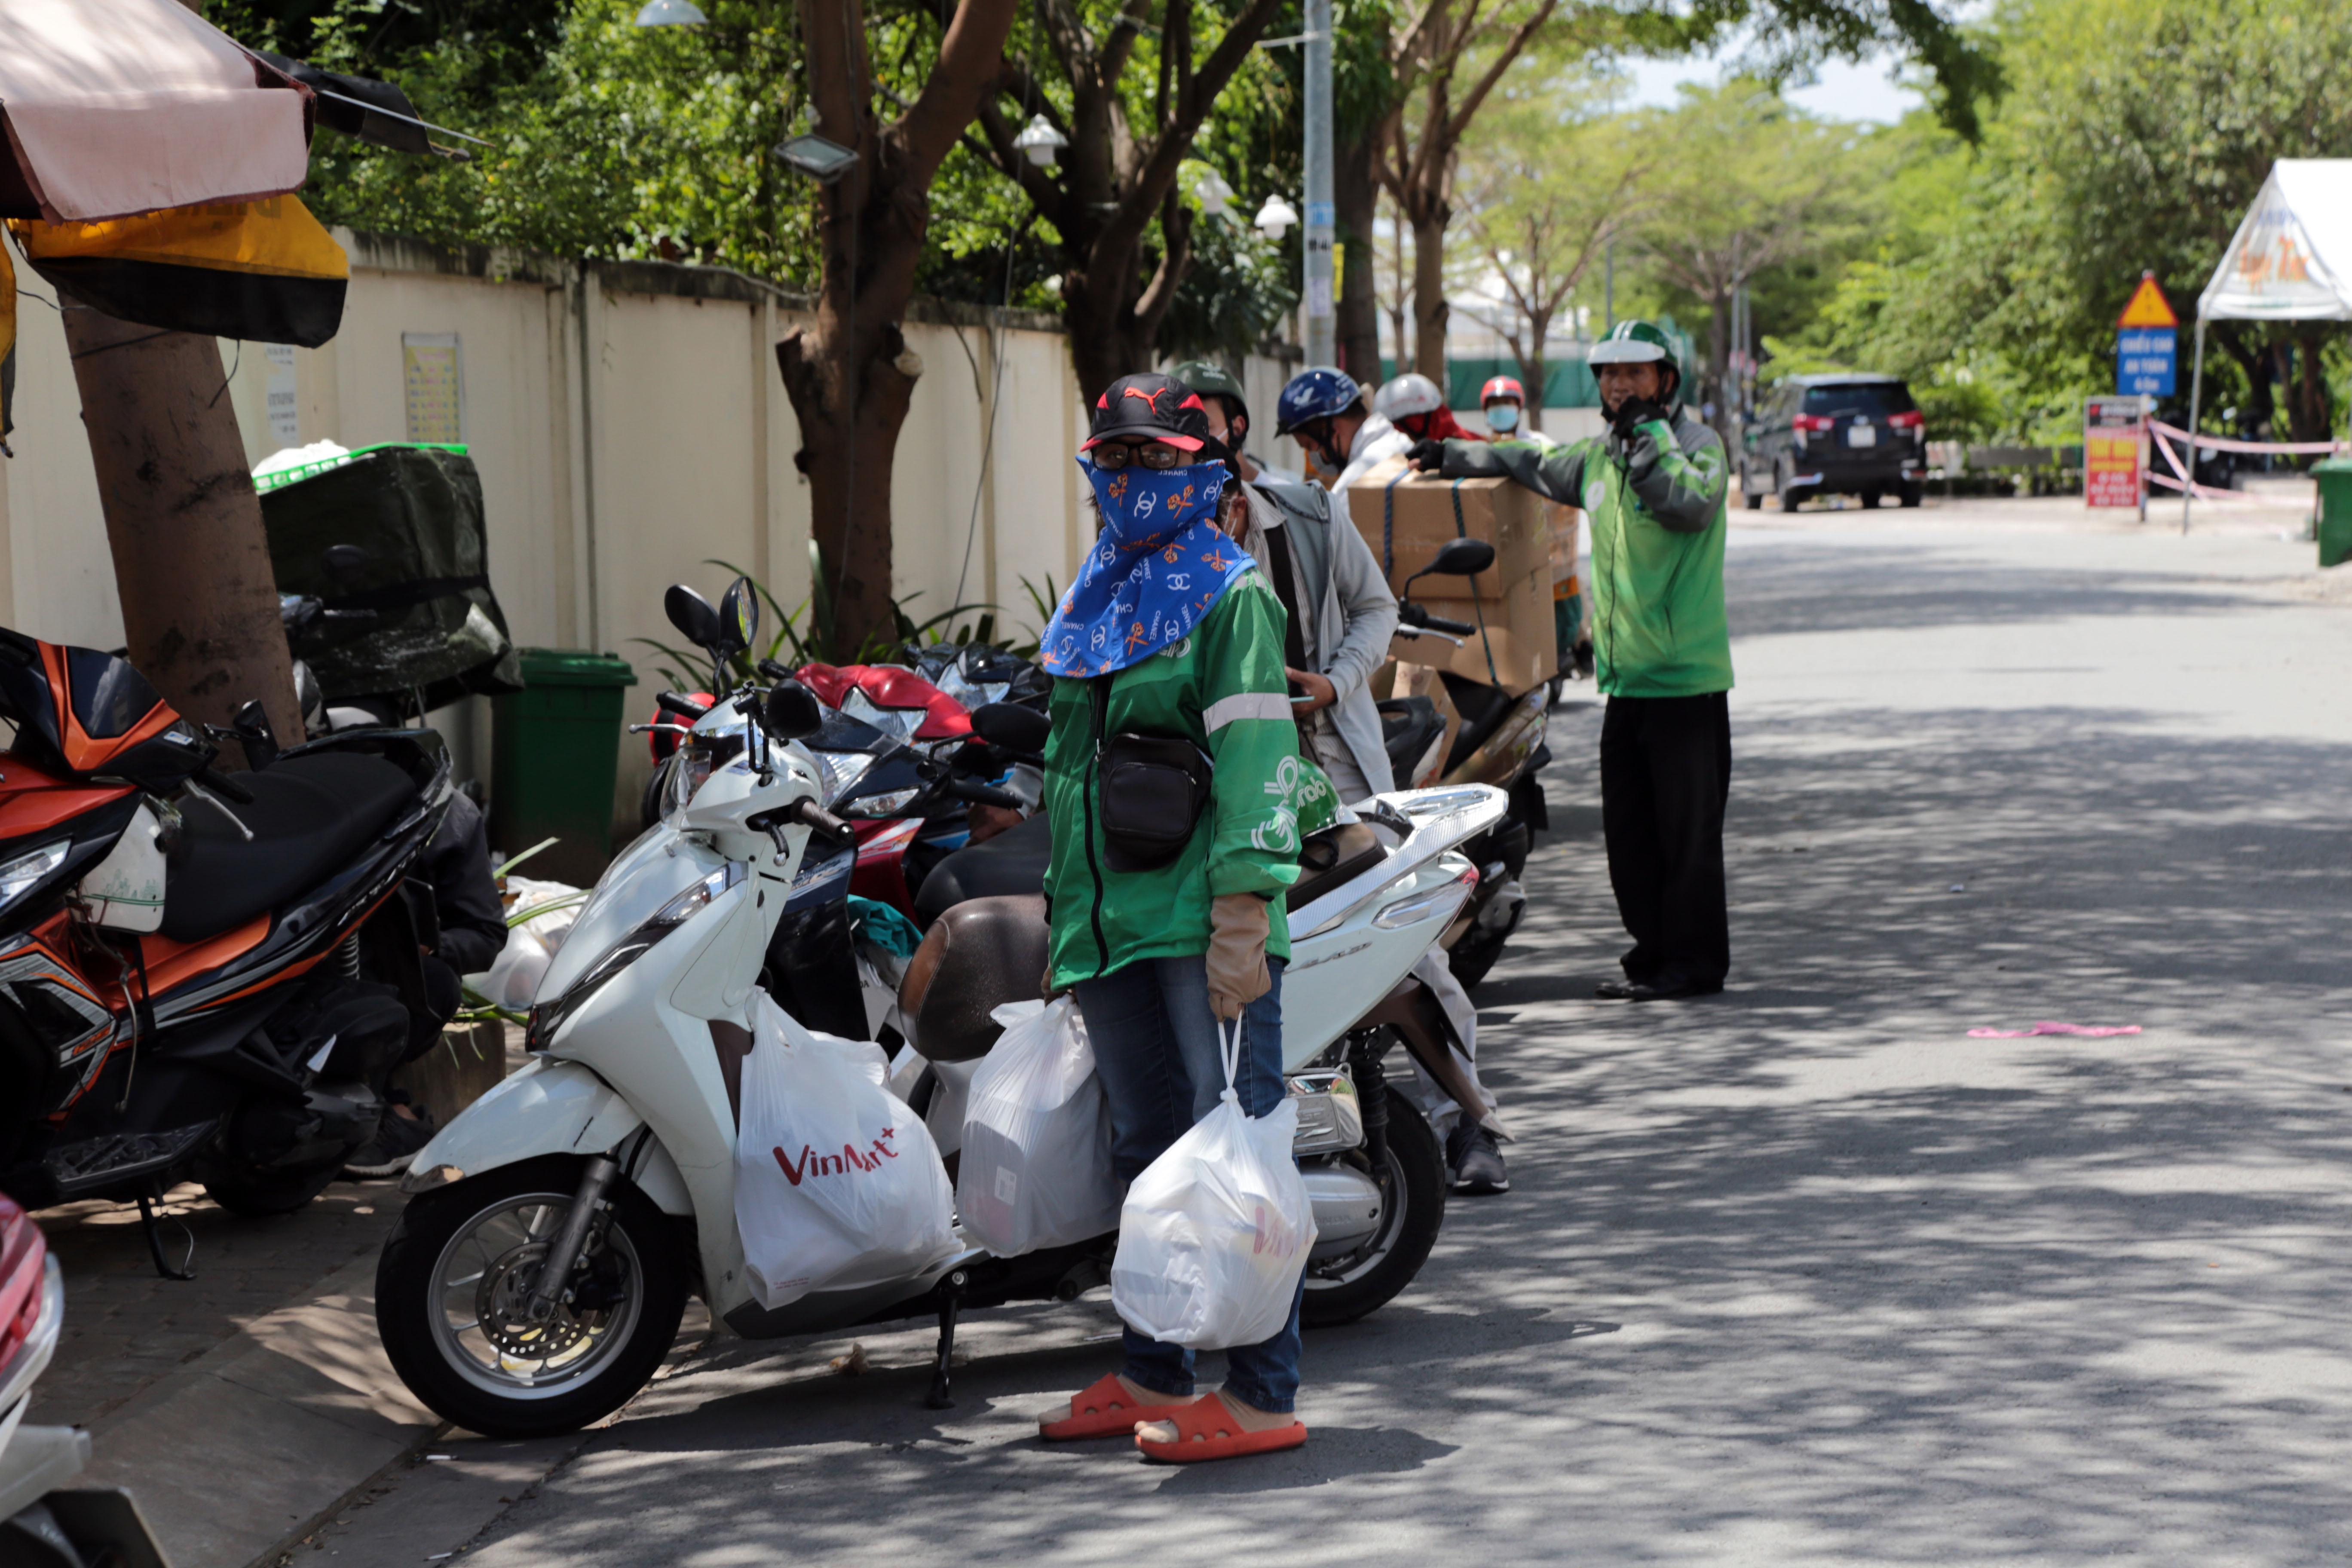 Ảnh: Khử khuẩn toàn bộ hàng hóa vận chuyển vào chung cư đang bị phong tỏa ở Sài Gòn - 9